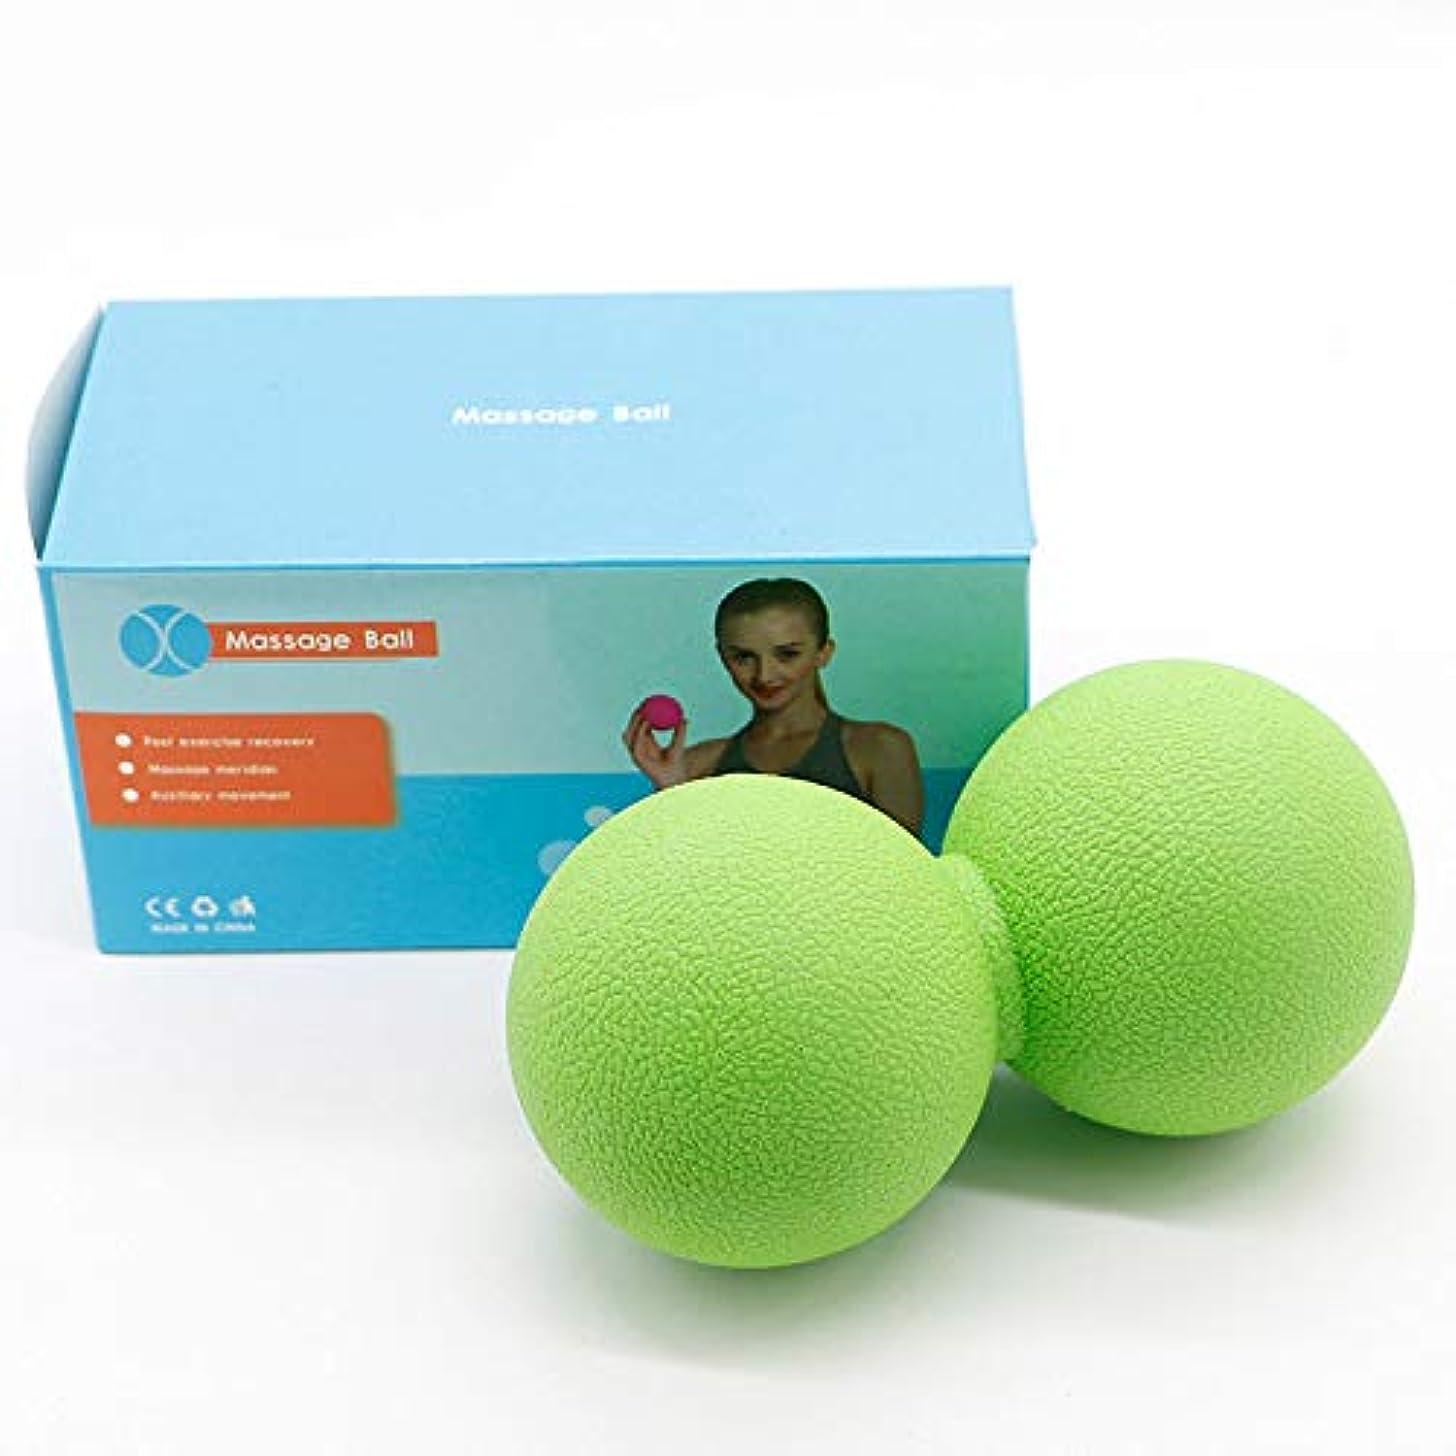 ソケット相手不一致HFeng ボール ストレッチボール トリガーポイント 筋膜リリース トレーニング 2個セット (薄い緑)